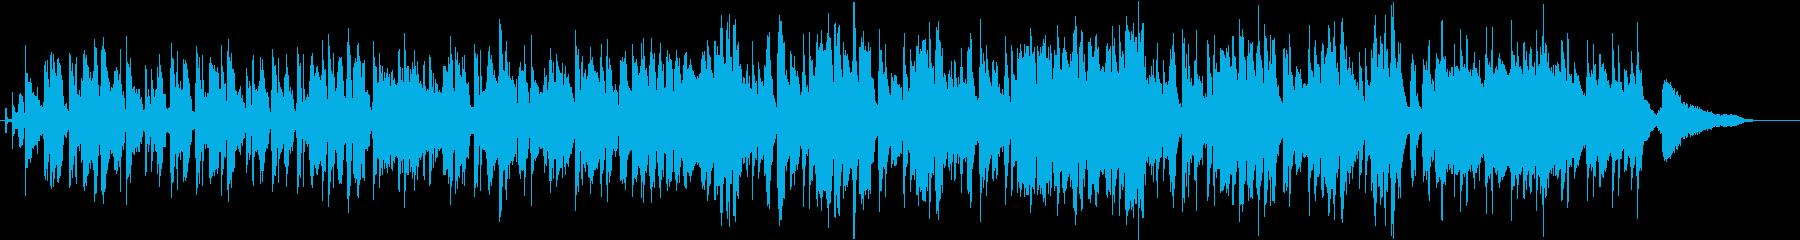 優しいムードのお洒落なフレンチボサノバの再生済みの波形